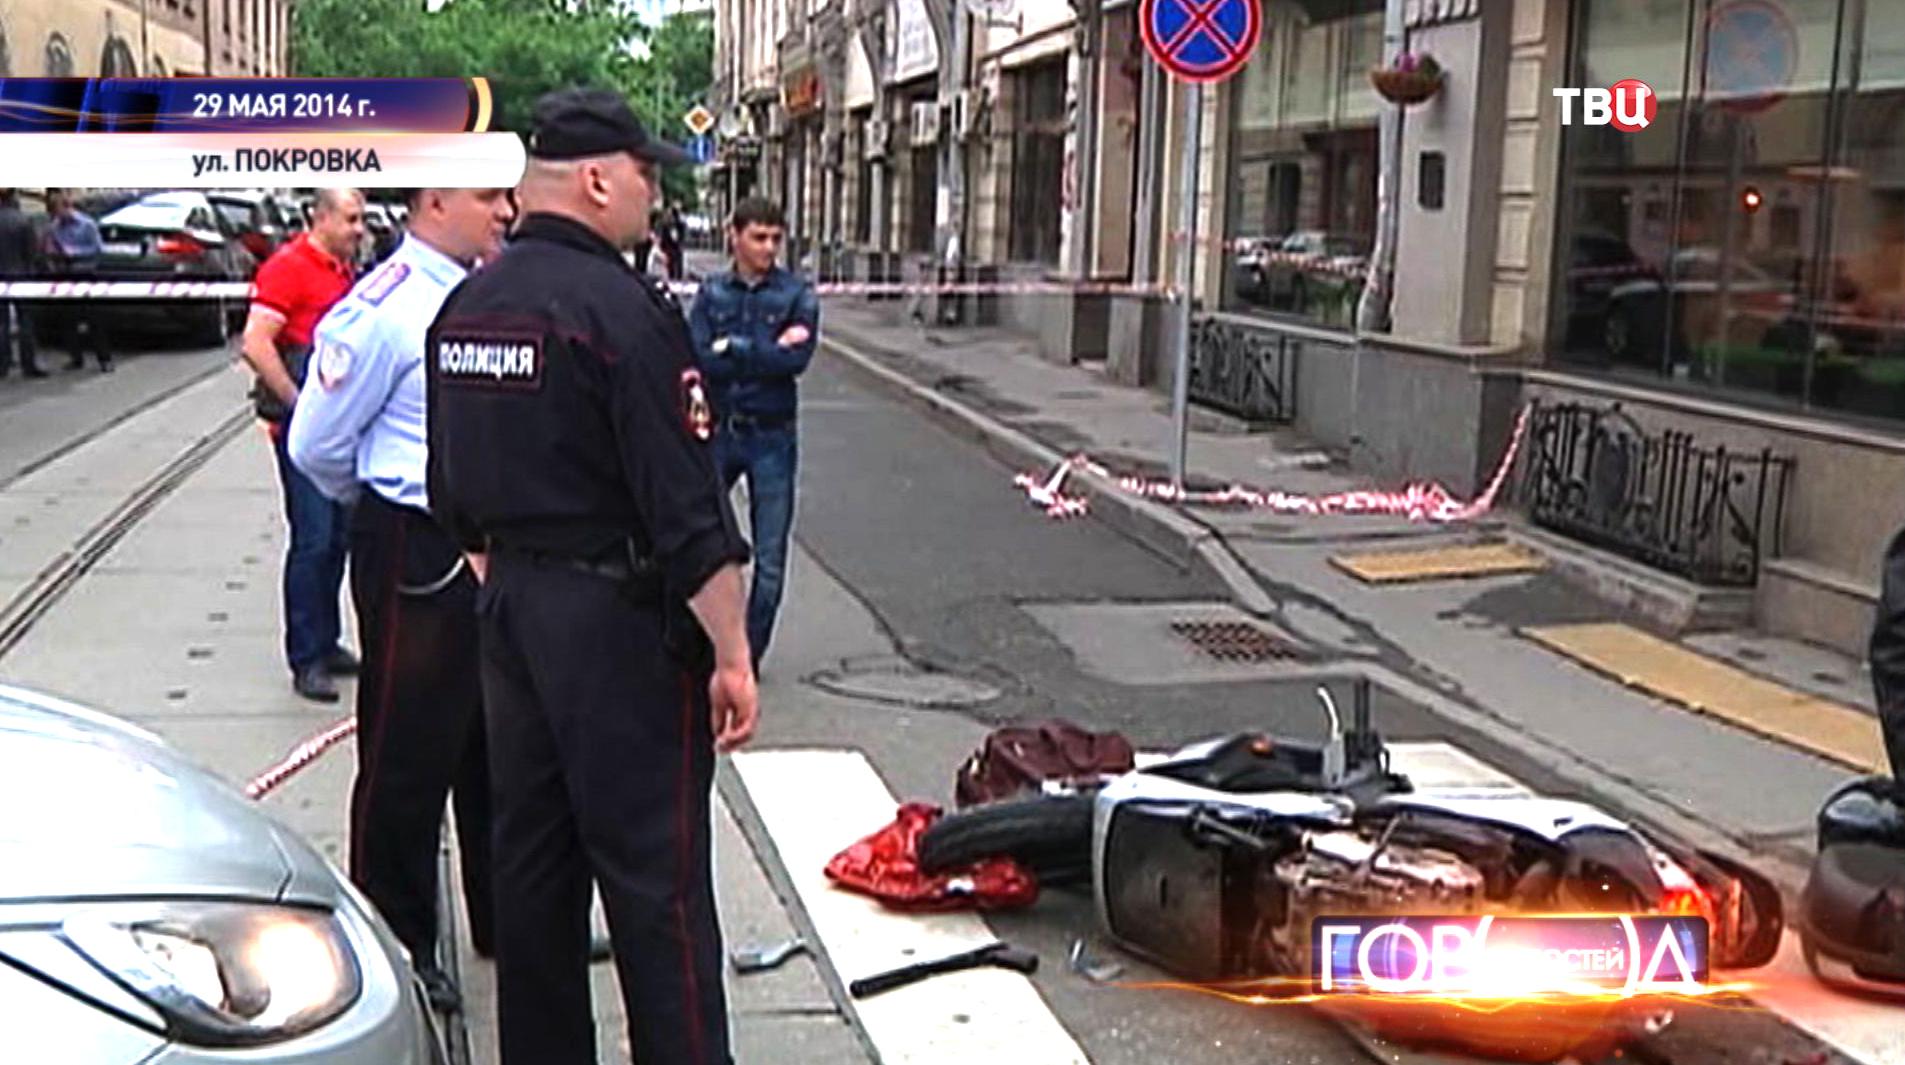 Полиция оцепила масто перестрелки на Покровке